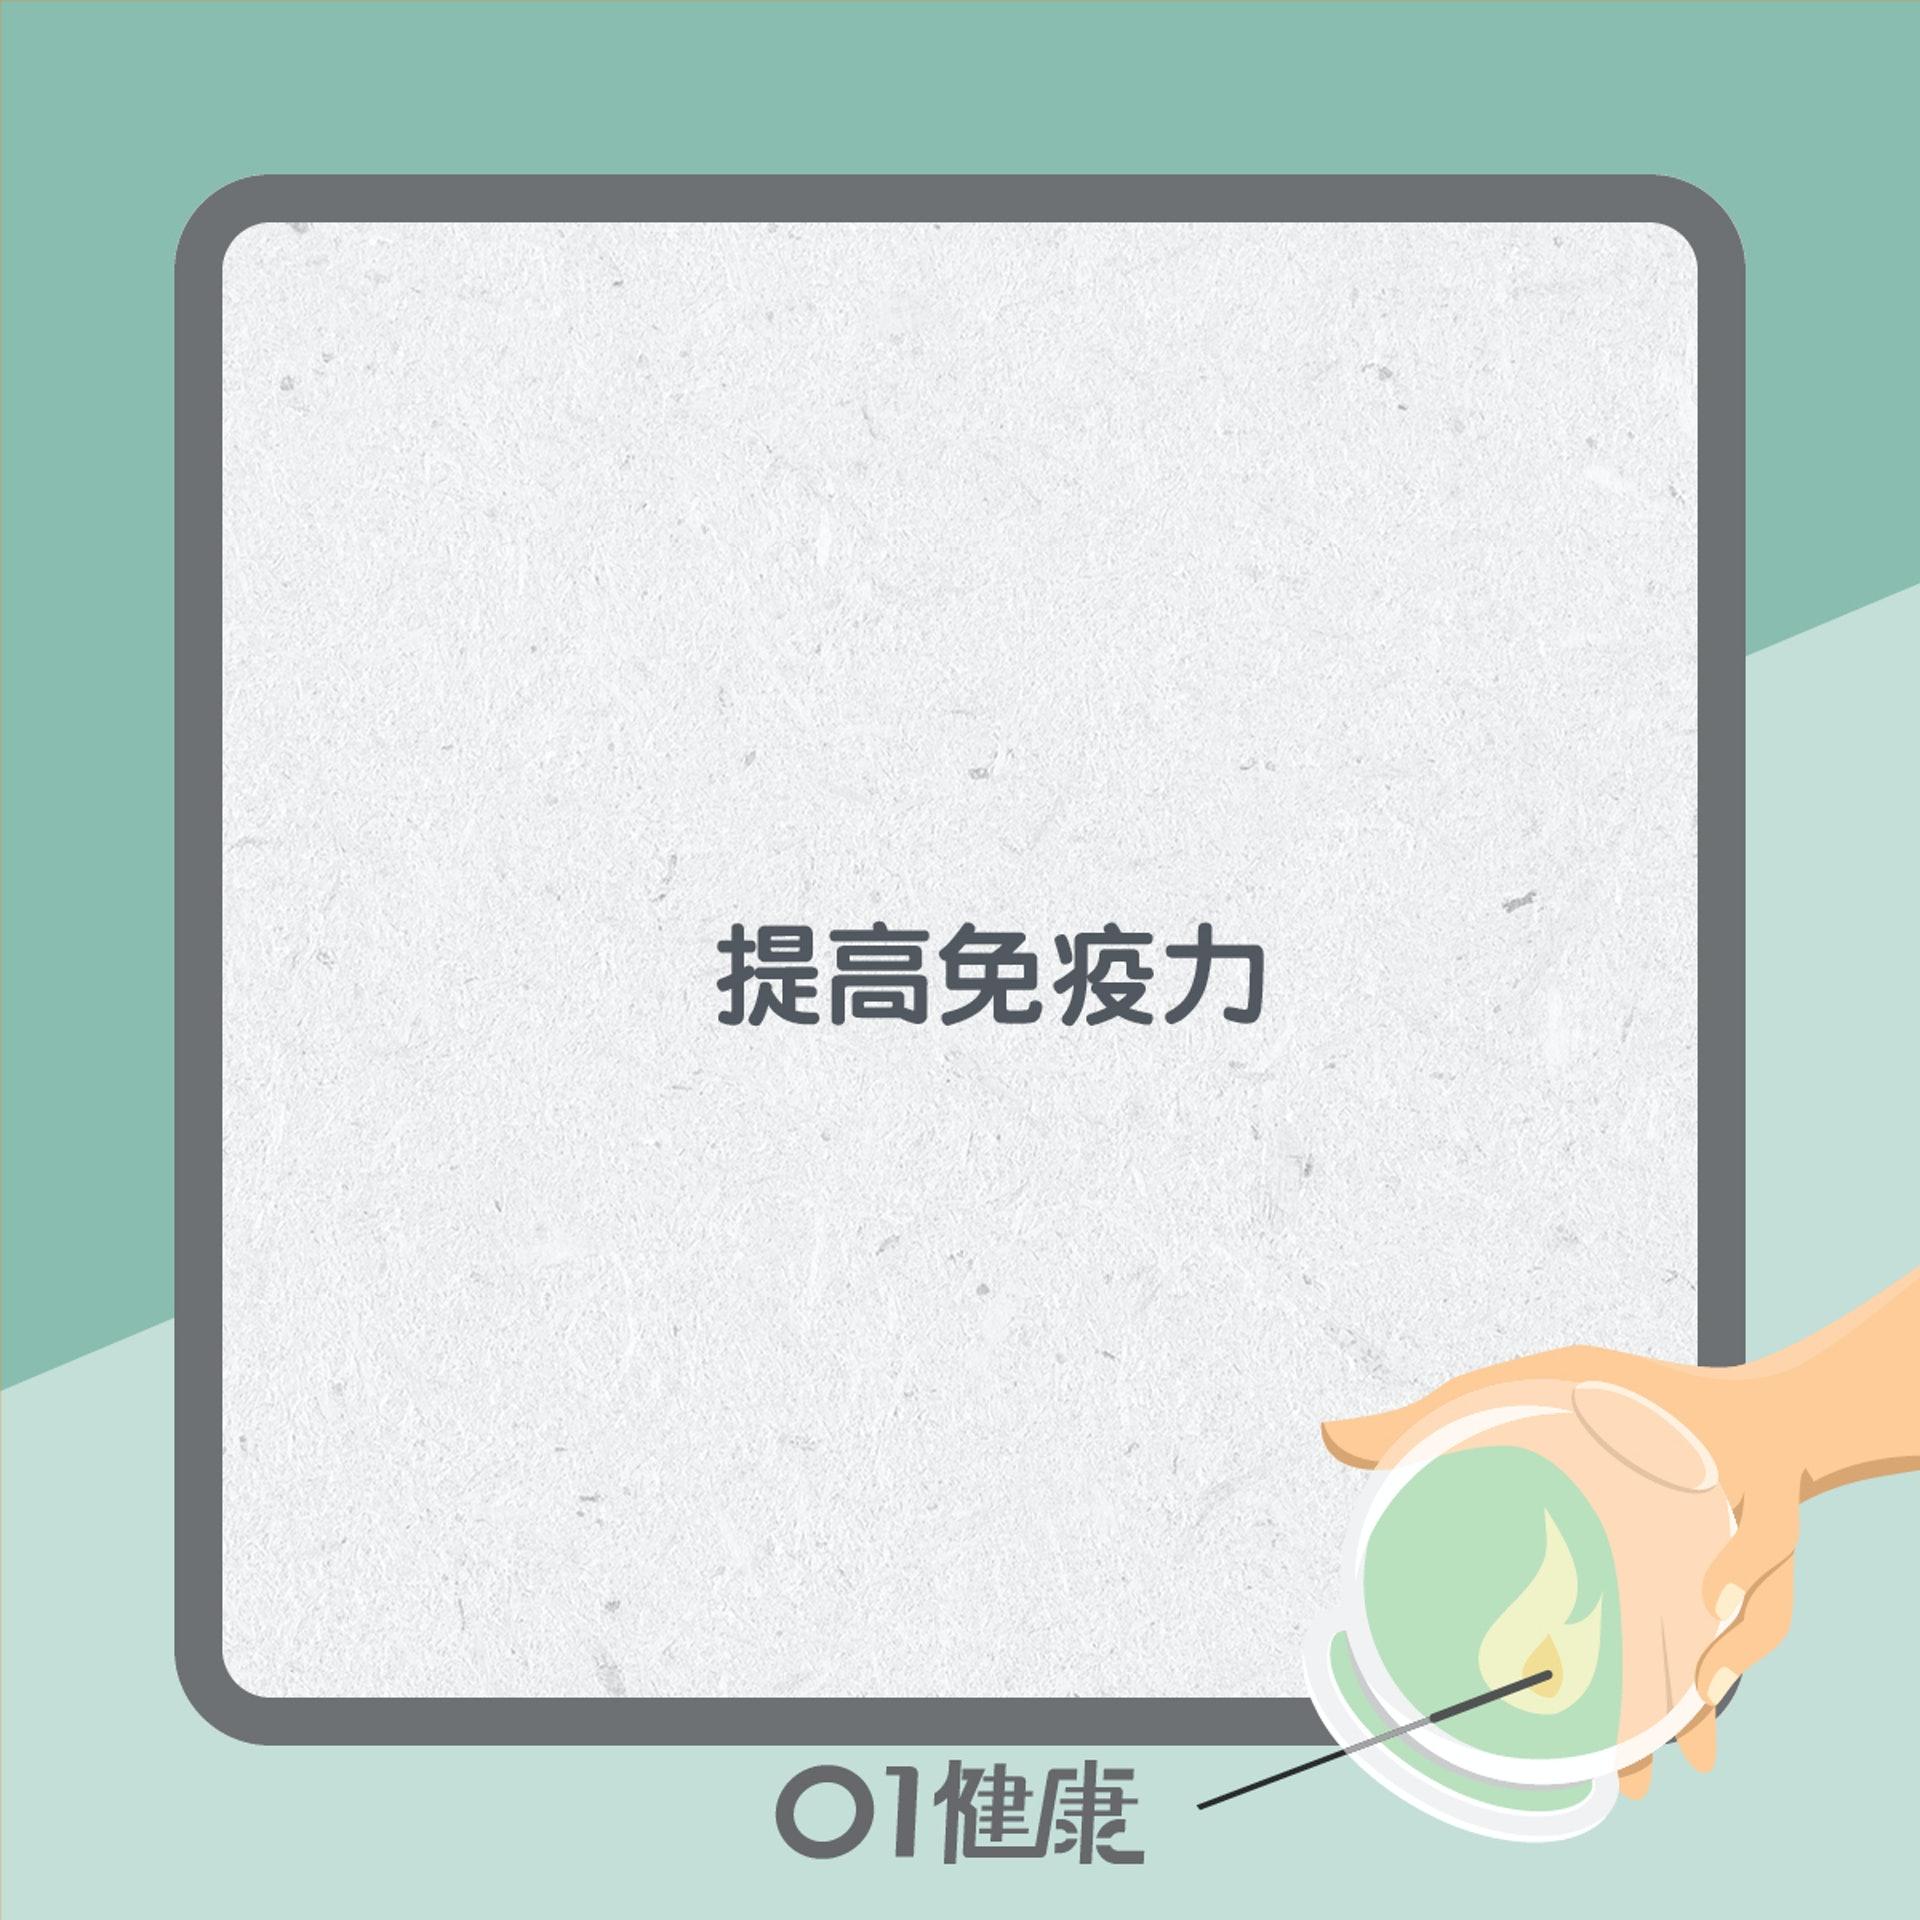 拔罐功效(01製圖)